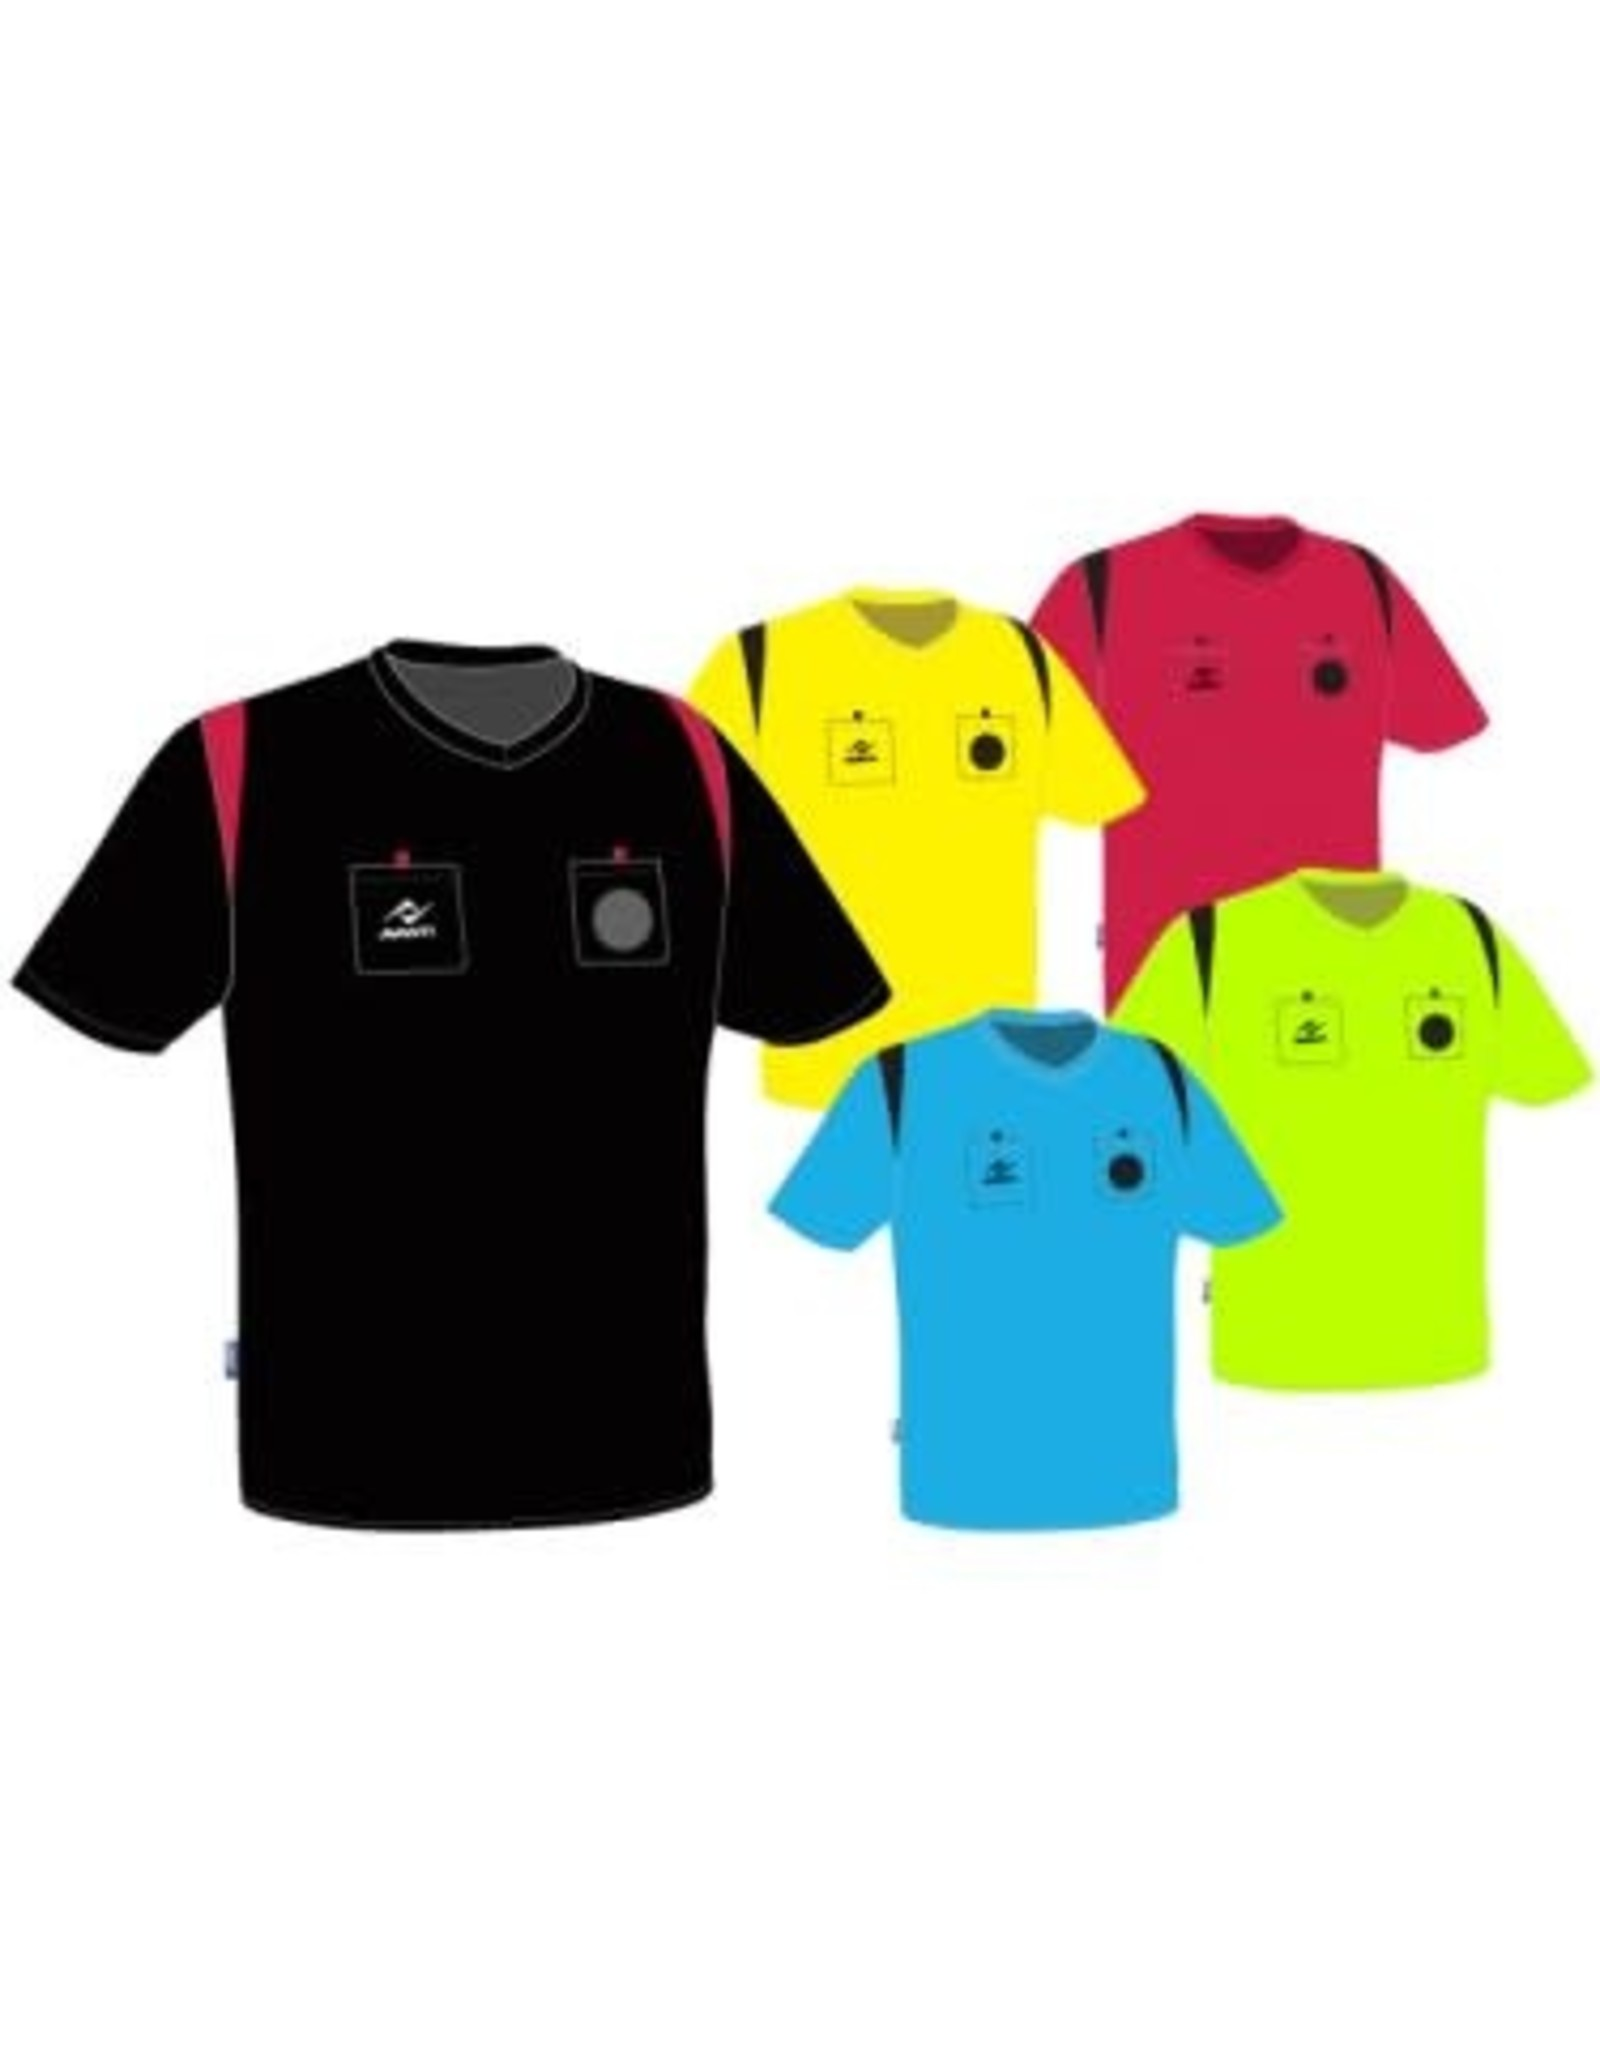 Avanti Avanti Prodigy Referee Jersey (Yellow)